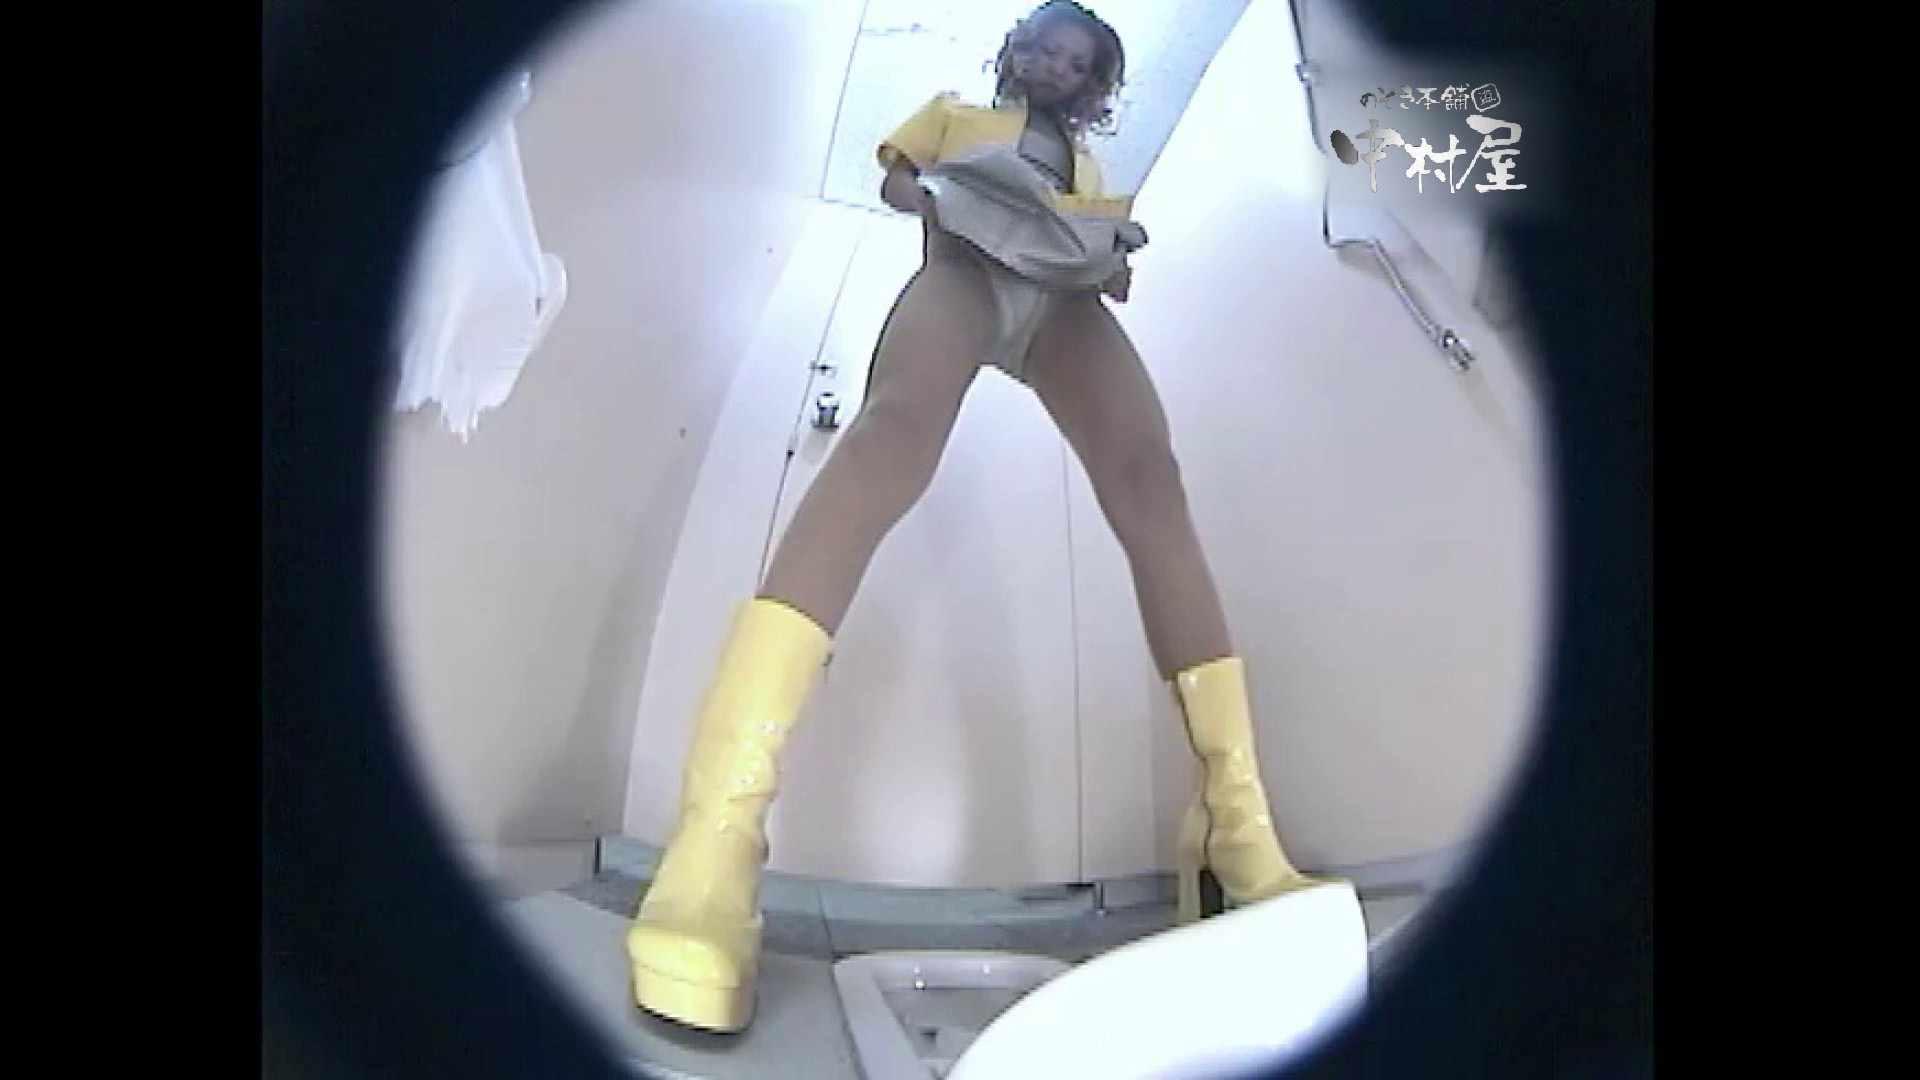 レースクィーントイレ盗撮!Vol.17 トイレの中の女の子 おめこ無修正画像 72連発 47